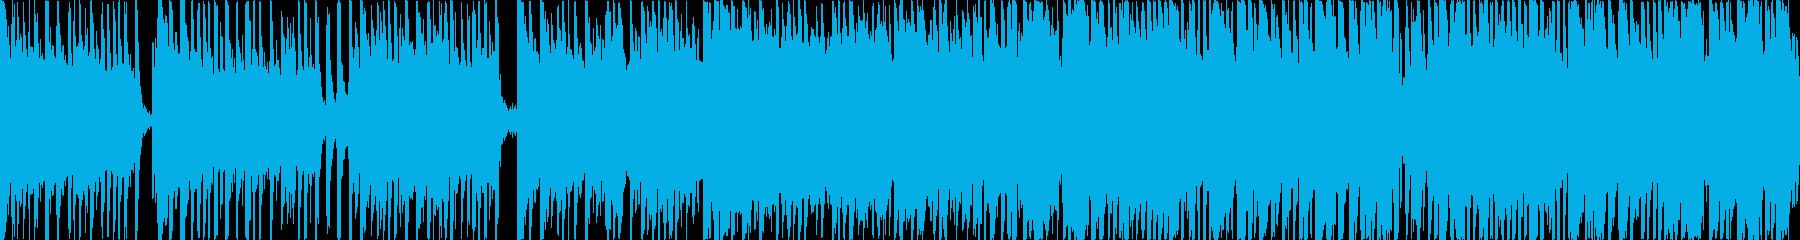 コミカルで楽しいリコーダーの可愛い日常曲の再生済みの波形